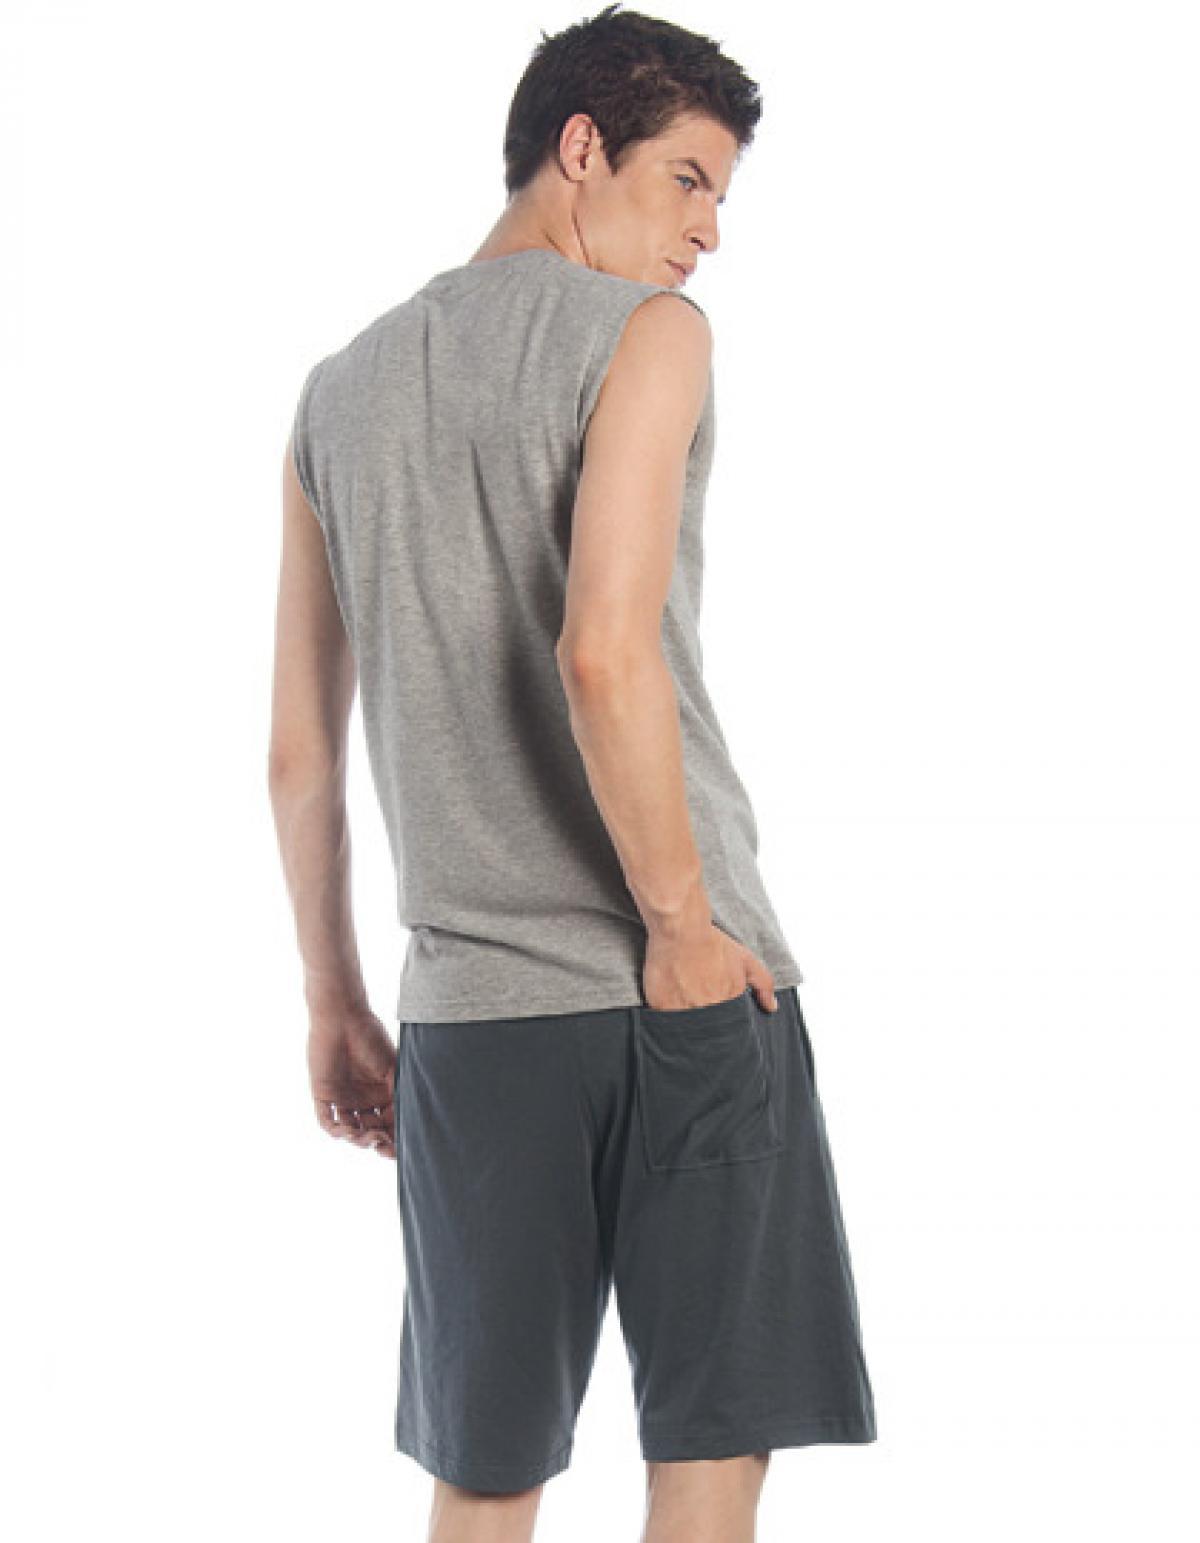 herren sport shorts move rexlander s. Black Bedroom Furniture Sets. Home Design Ideas